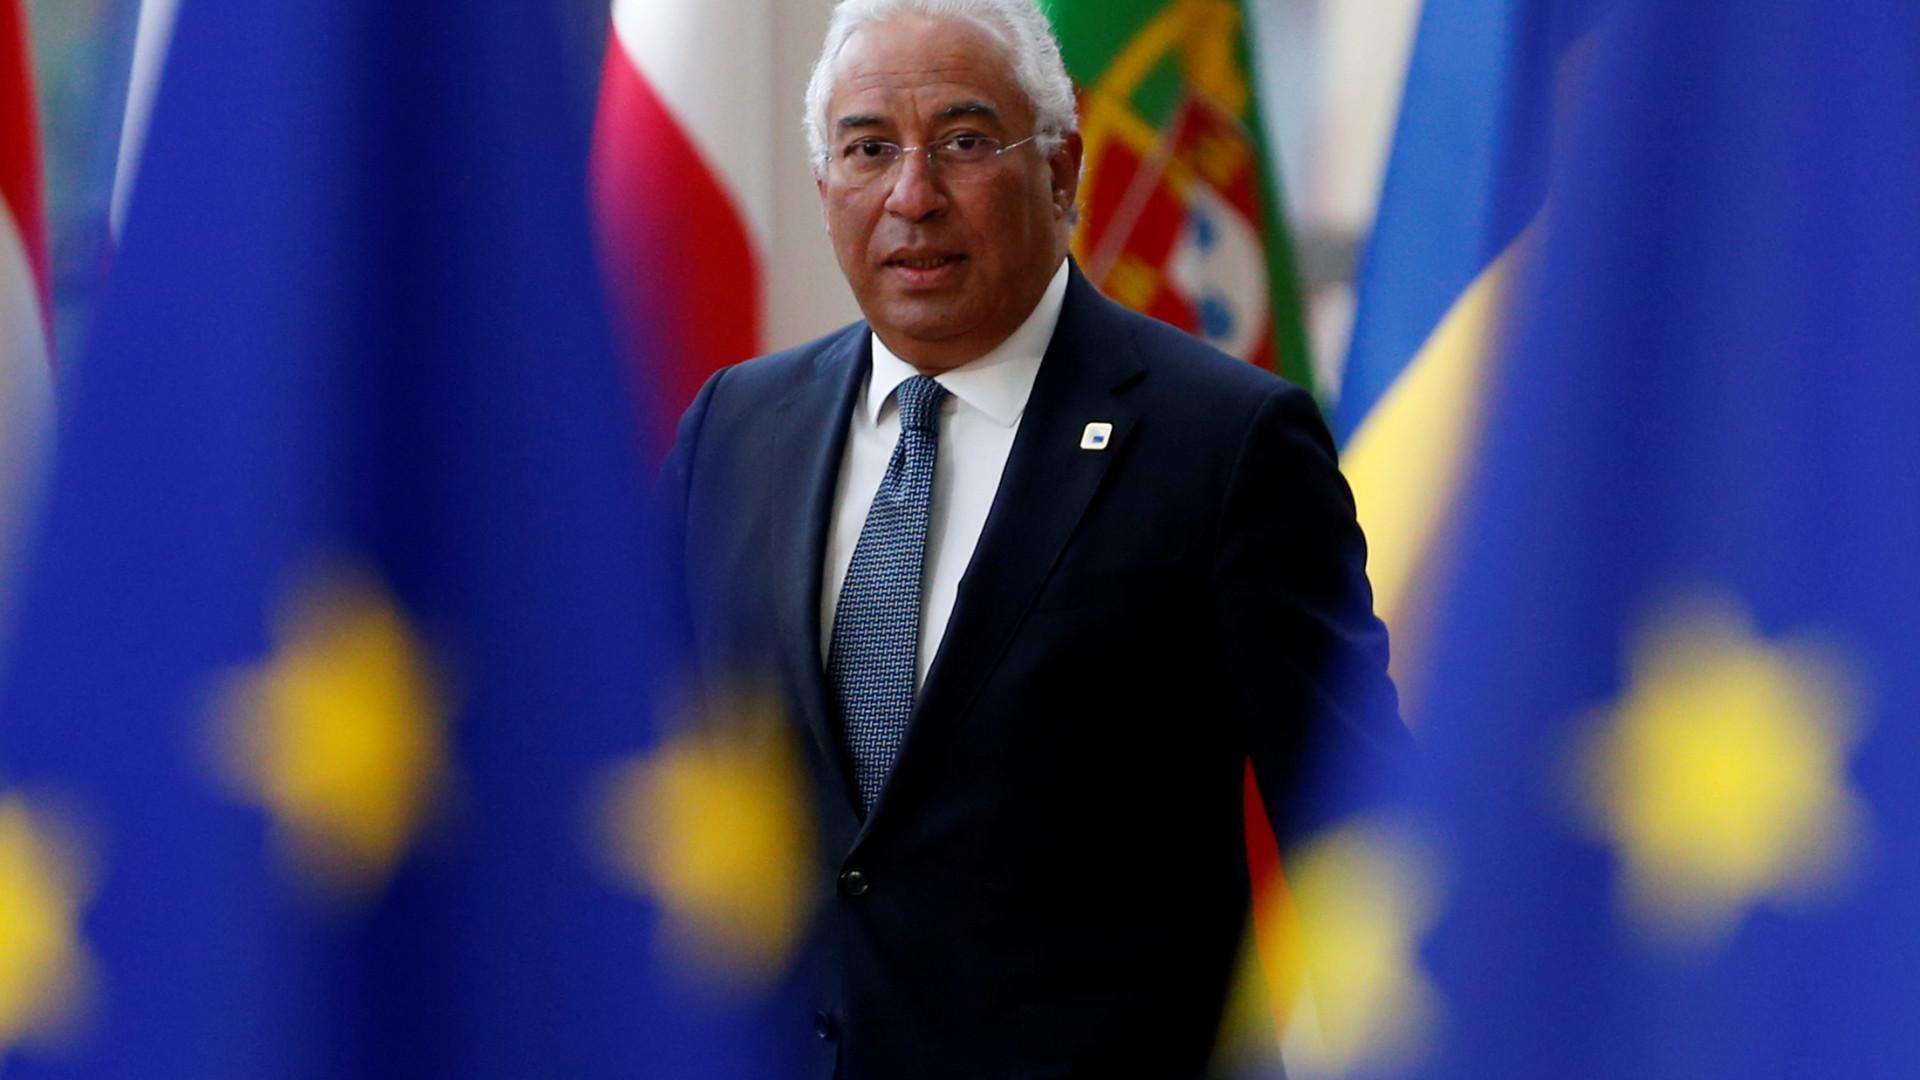 Novo hospital da Madeira será comparticipado em 50% pelo Governo